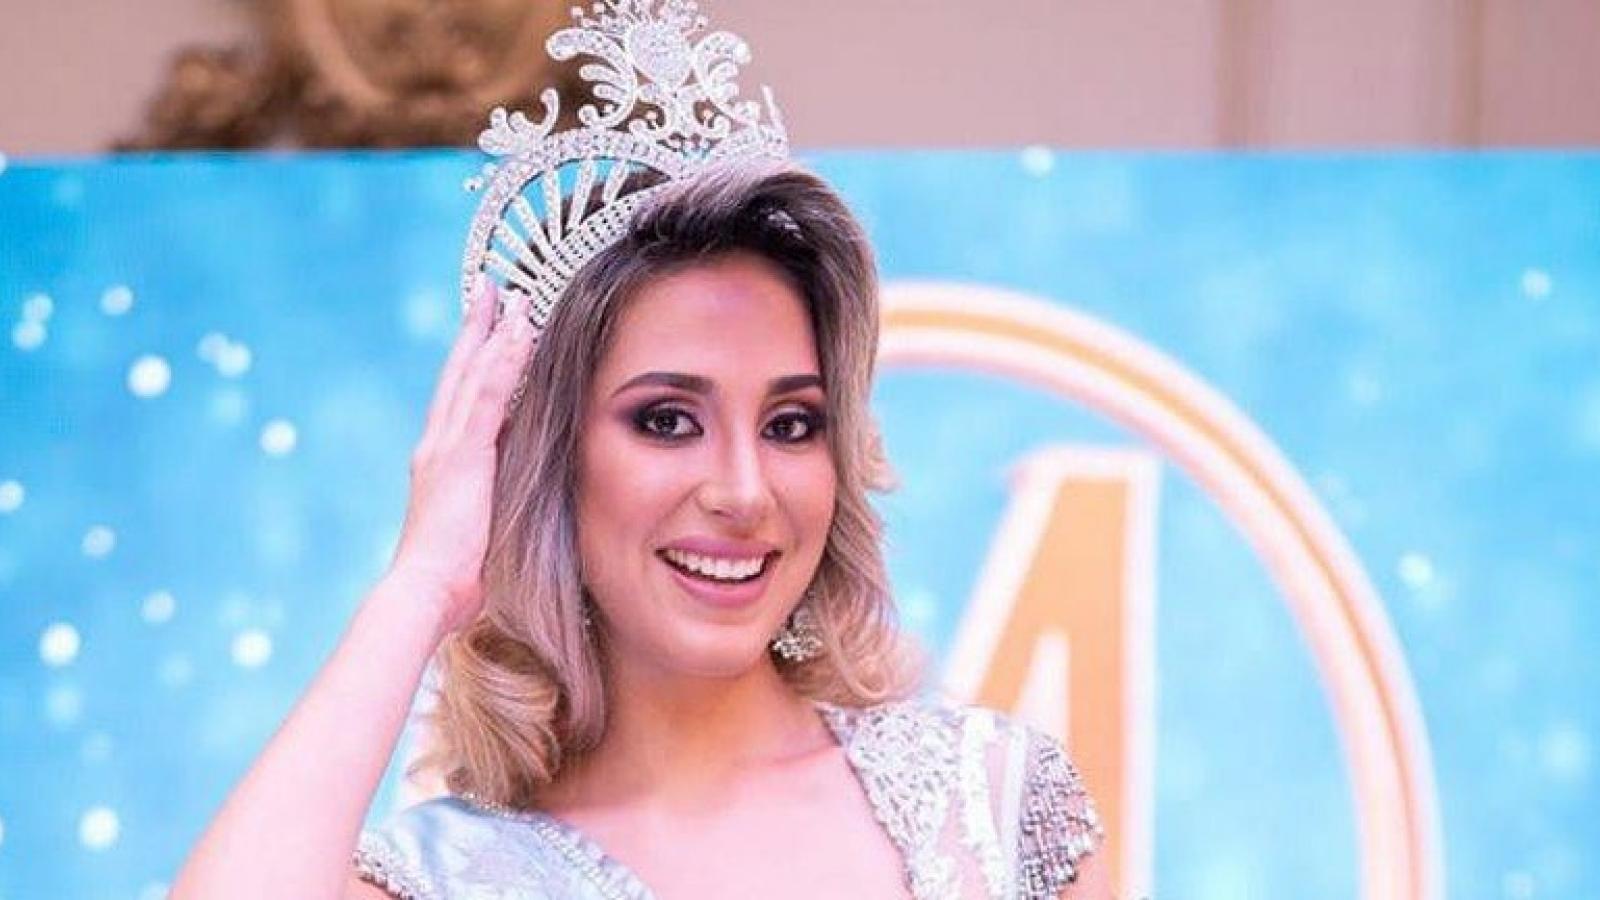 Vũ công ba lê xinh đẹp trở thành Hoa hậu Thế giới Guatemala 2021